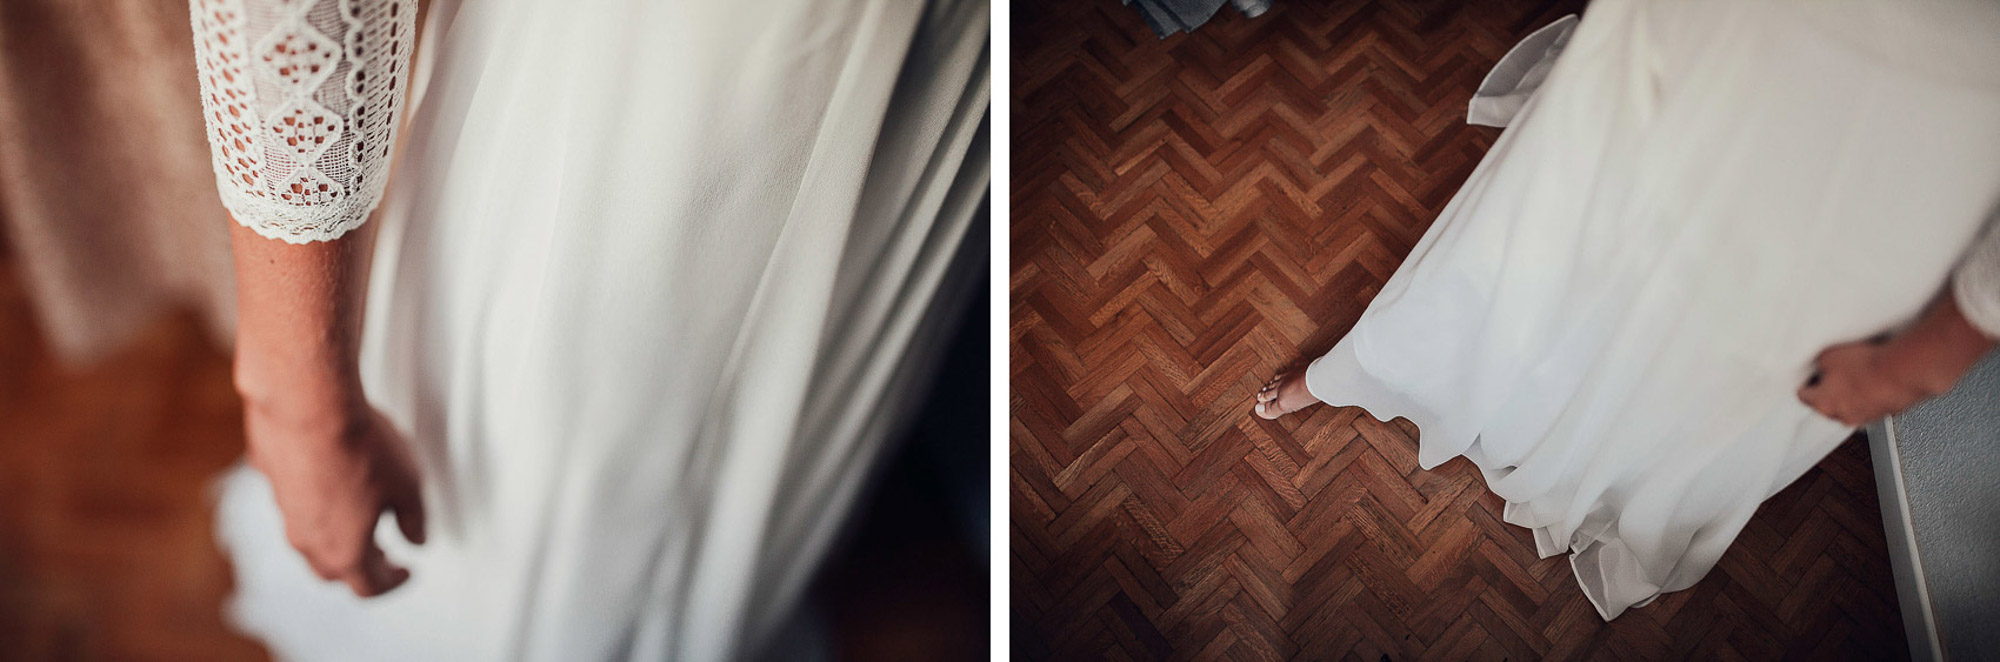 detalle novia wedding vestido blanco tul madera fotografia